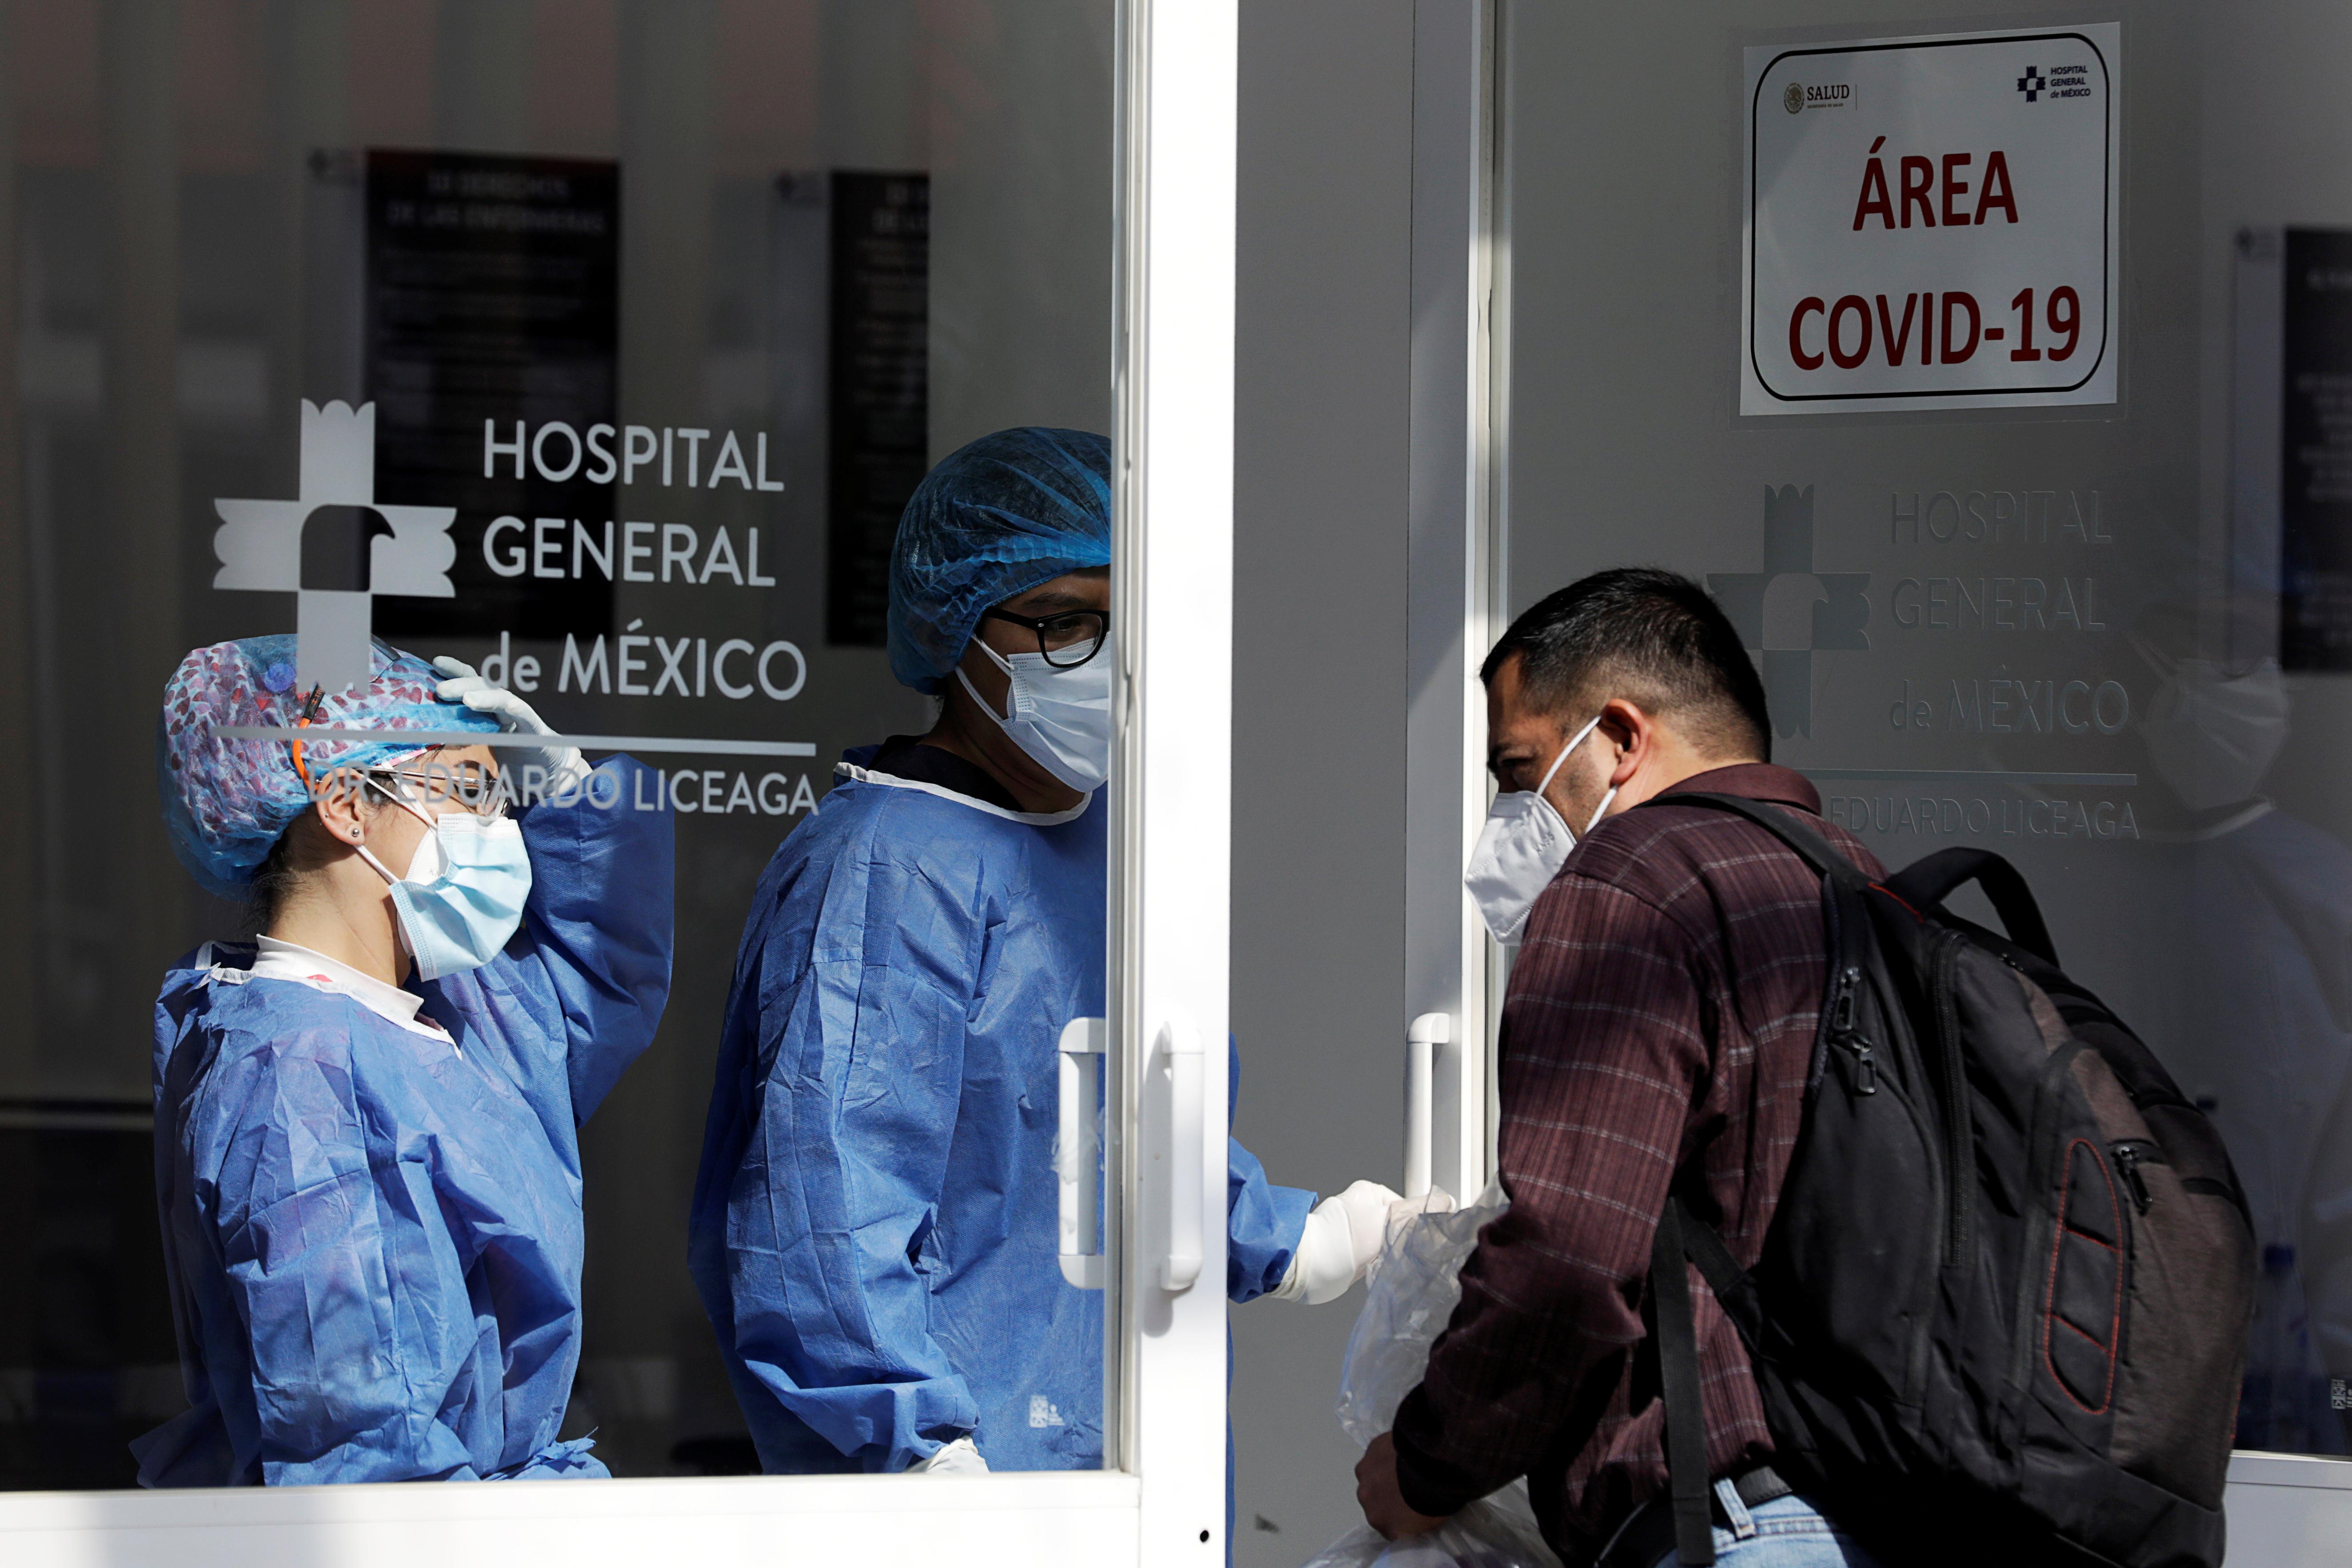 Un hombre recibe la ropa de un familiar hospitalizado porCOVID-19 en el Hospital General, en la Ciudad de México, México el 15 de diciembre de 2020. Fotografía tomada el 15 de diciembre de 2020.